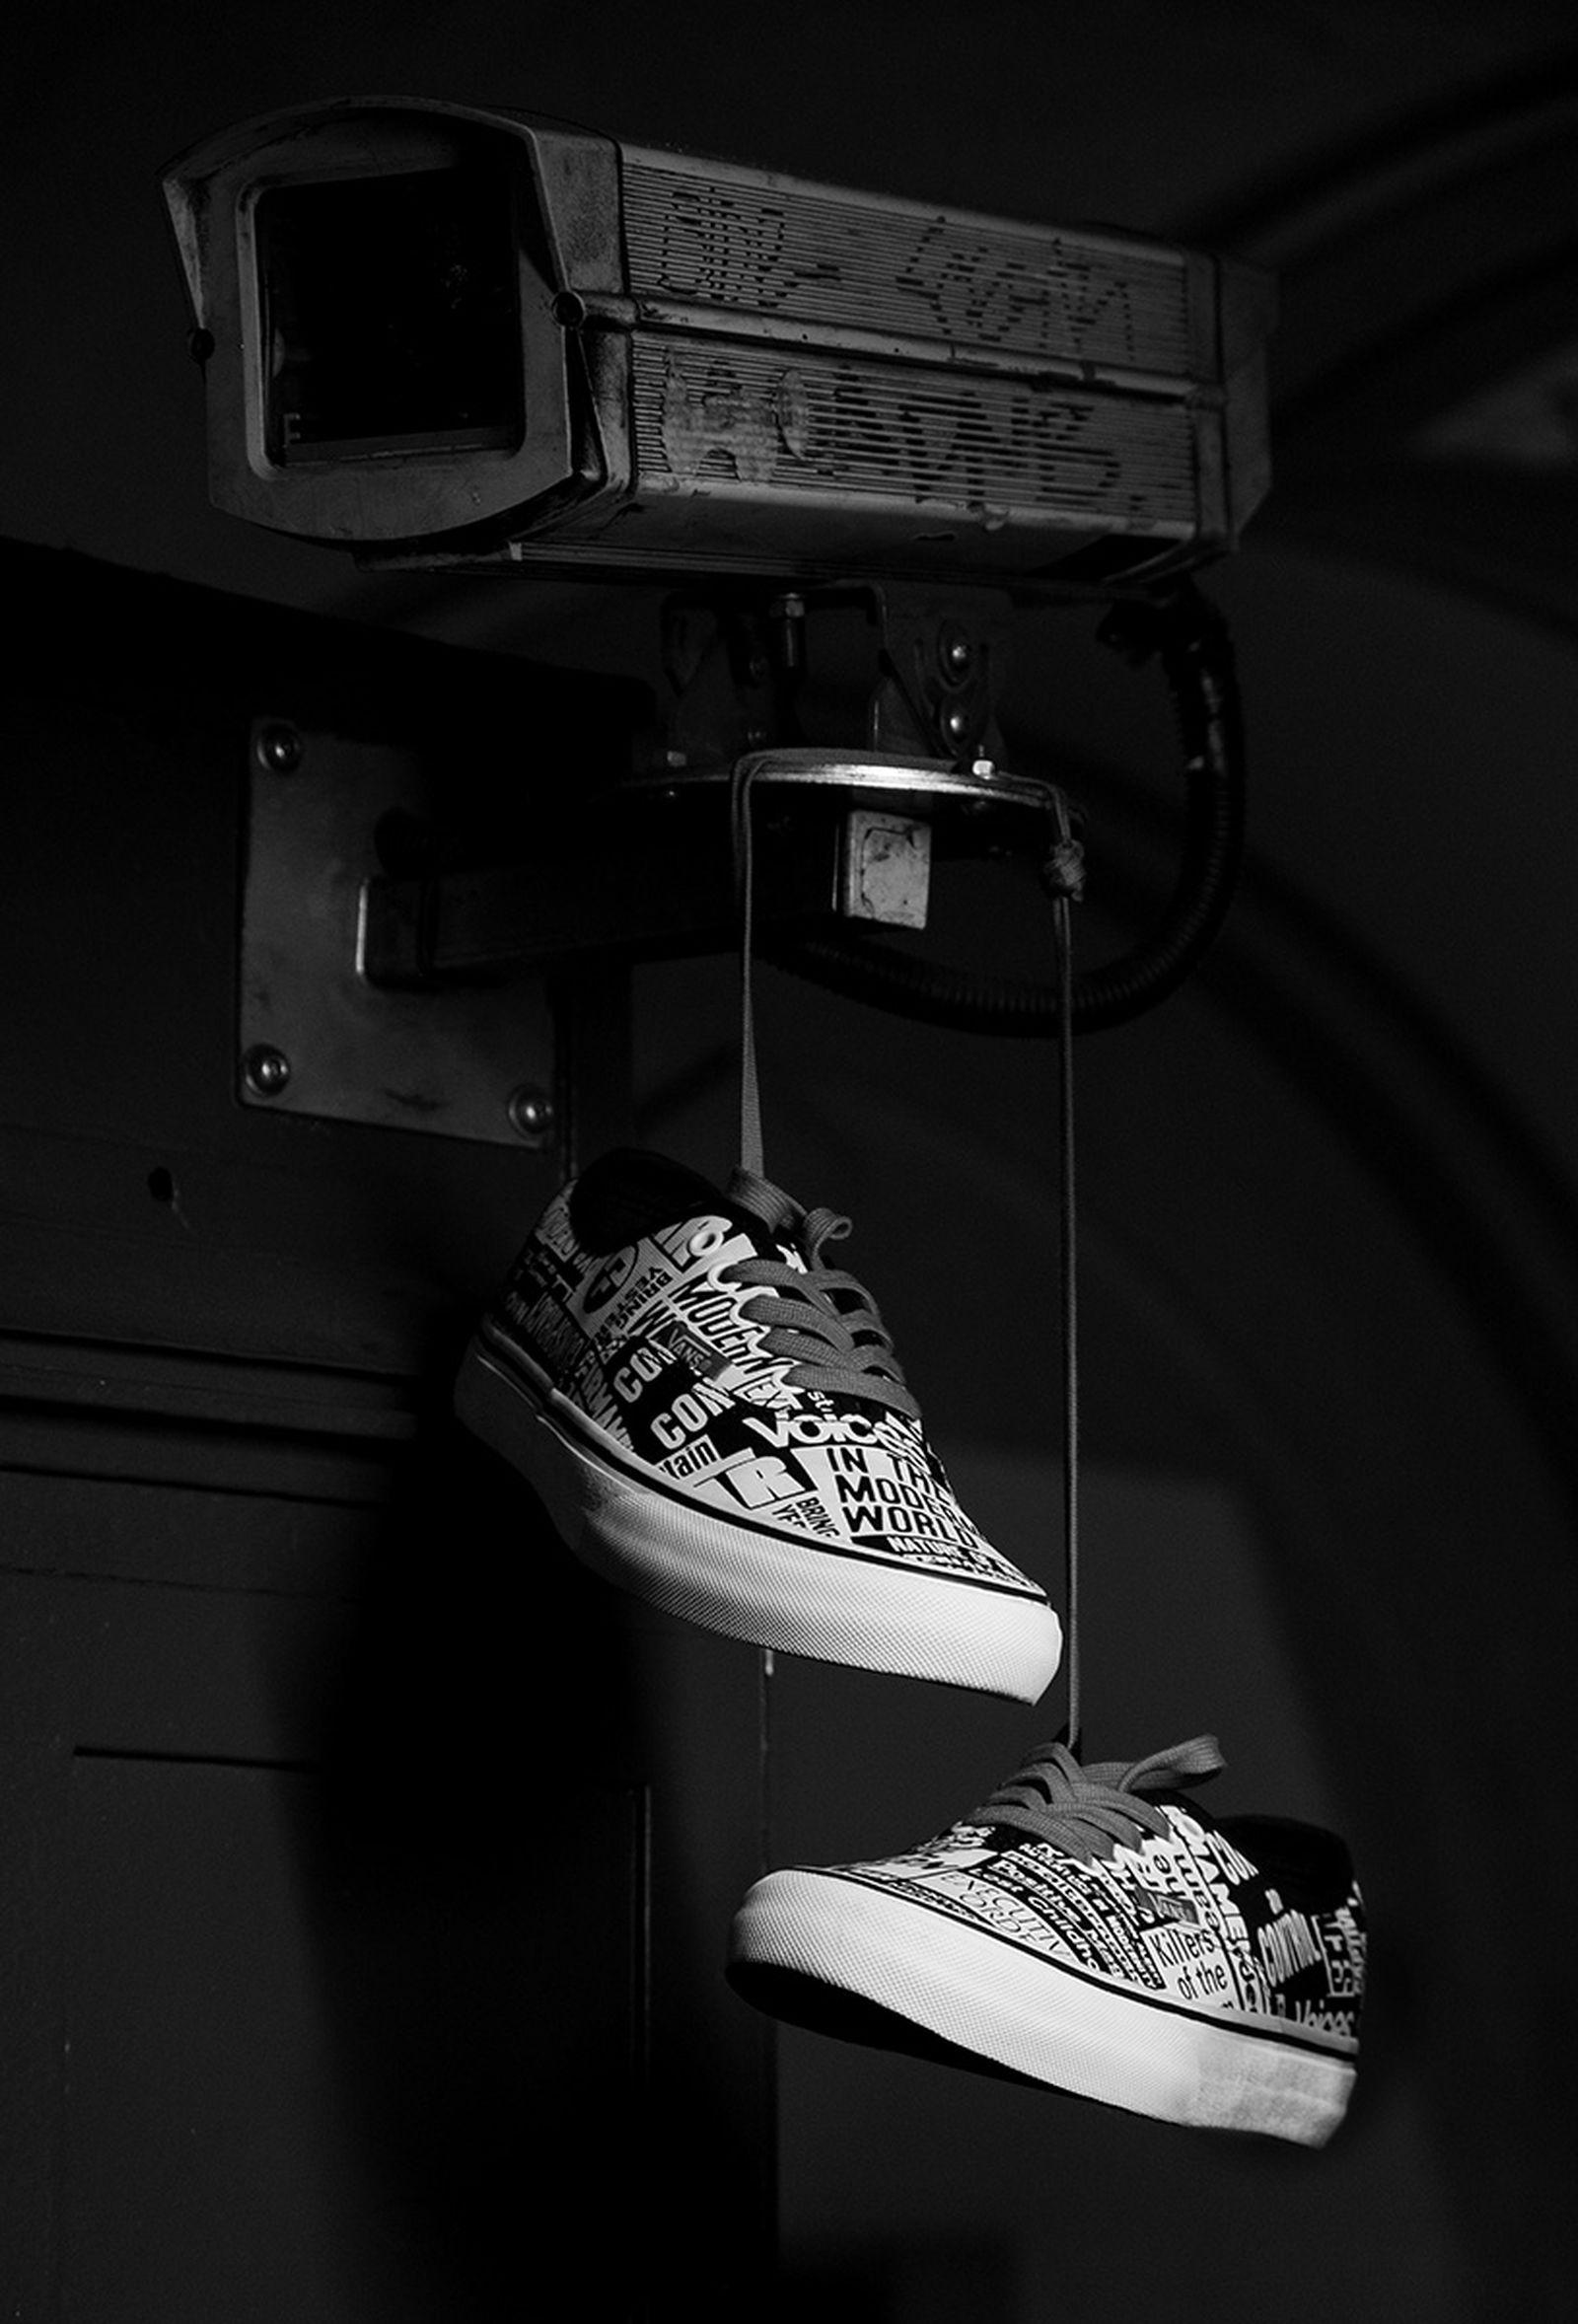 Firmament x Vans sneakers